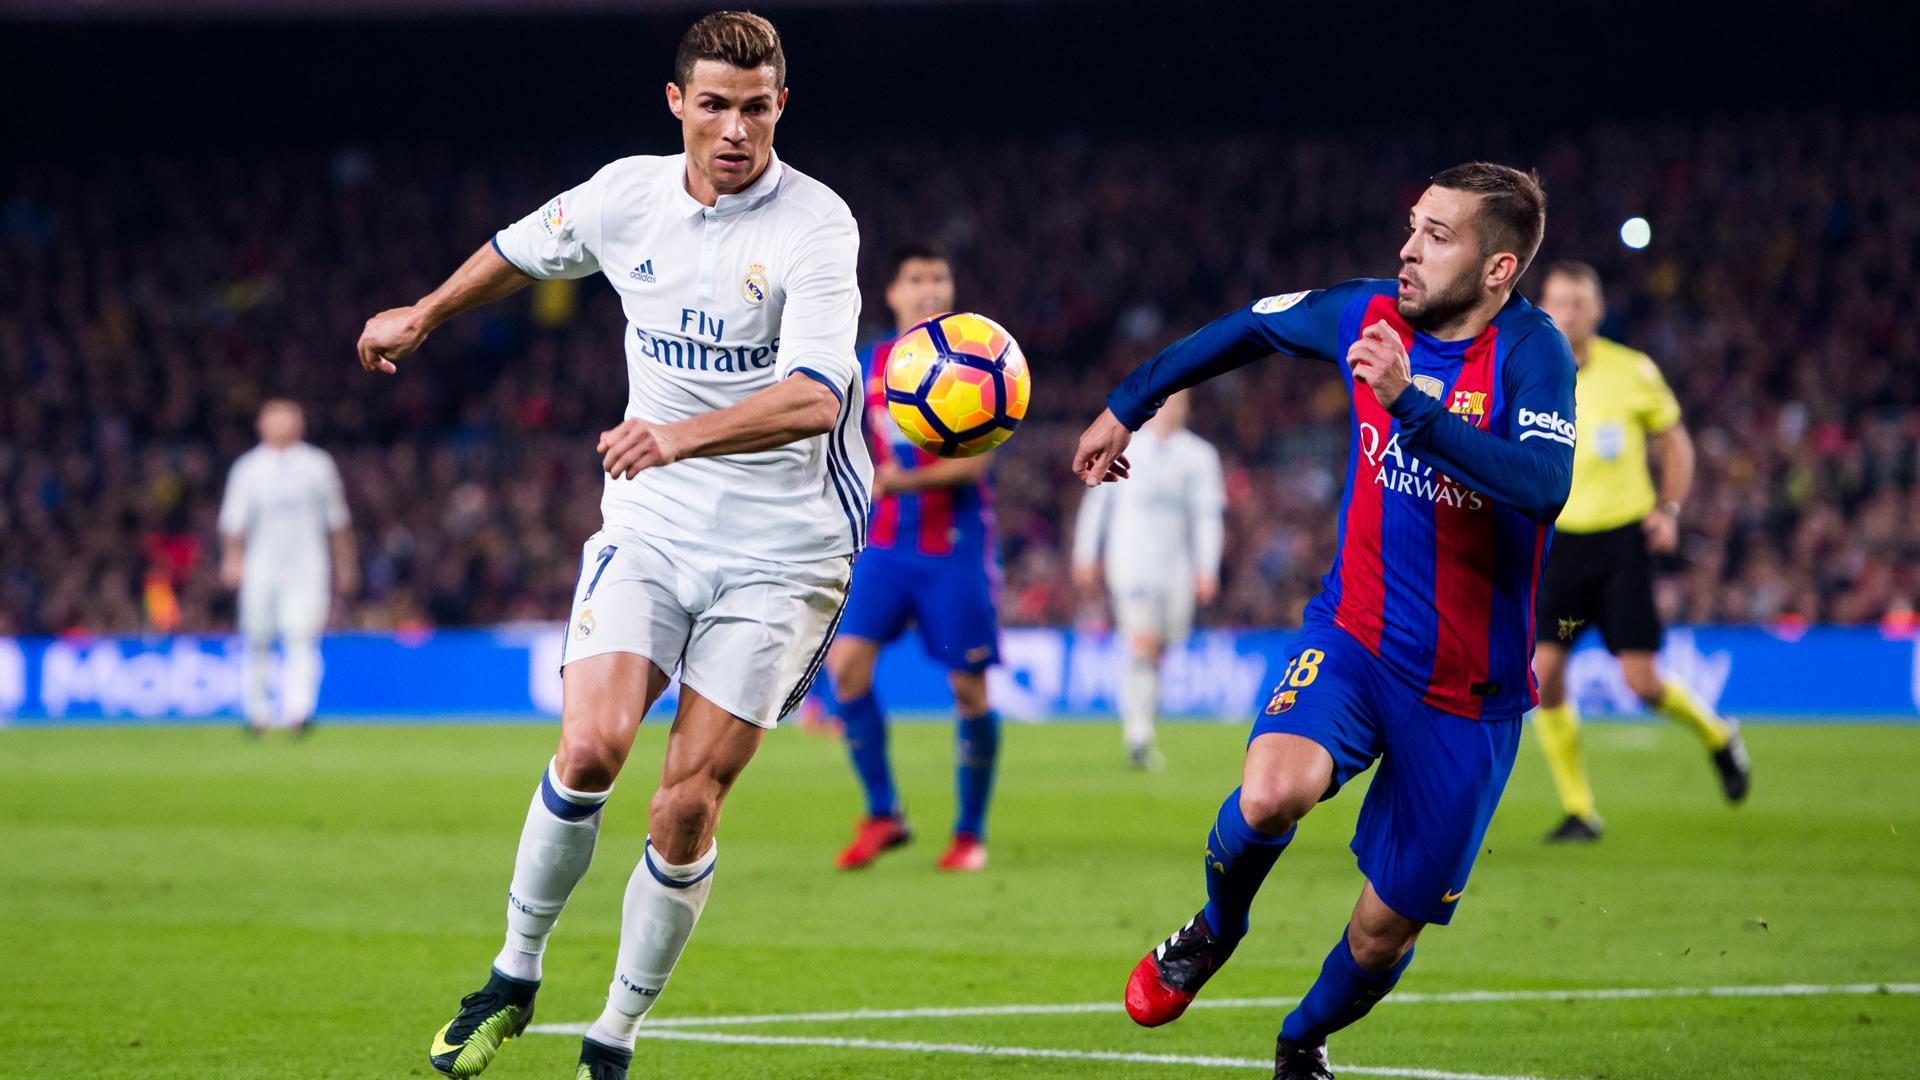 Sergi Roberto acerta soco em Marcelo e é expulso — Barça x Real